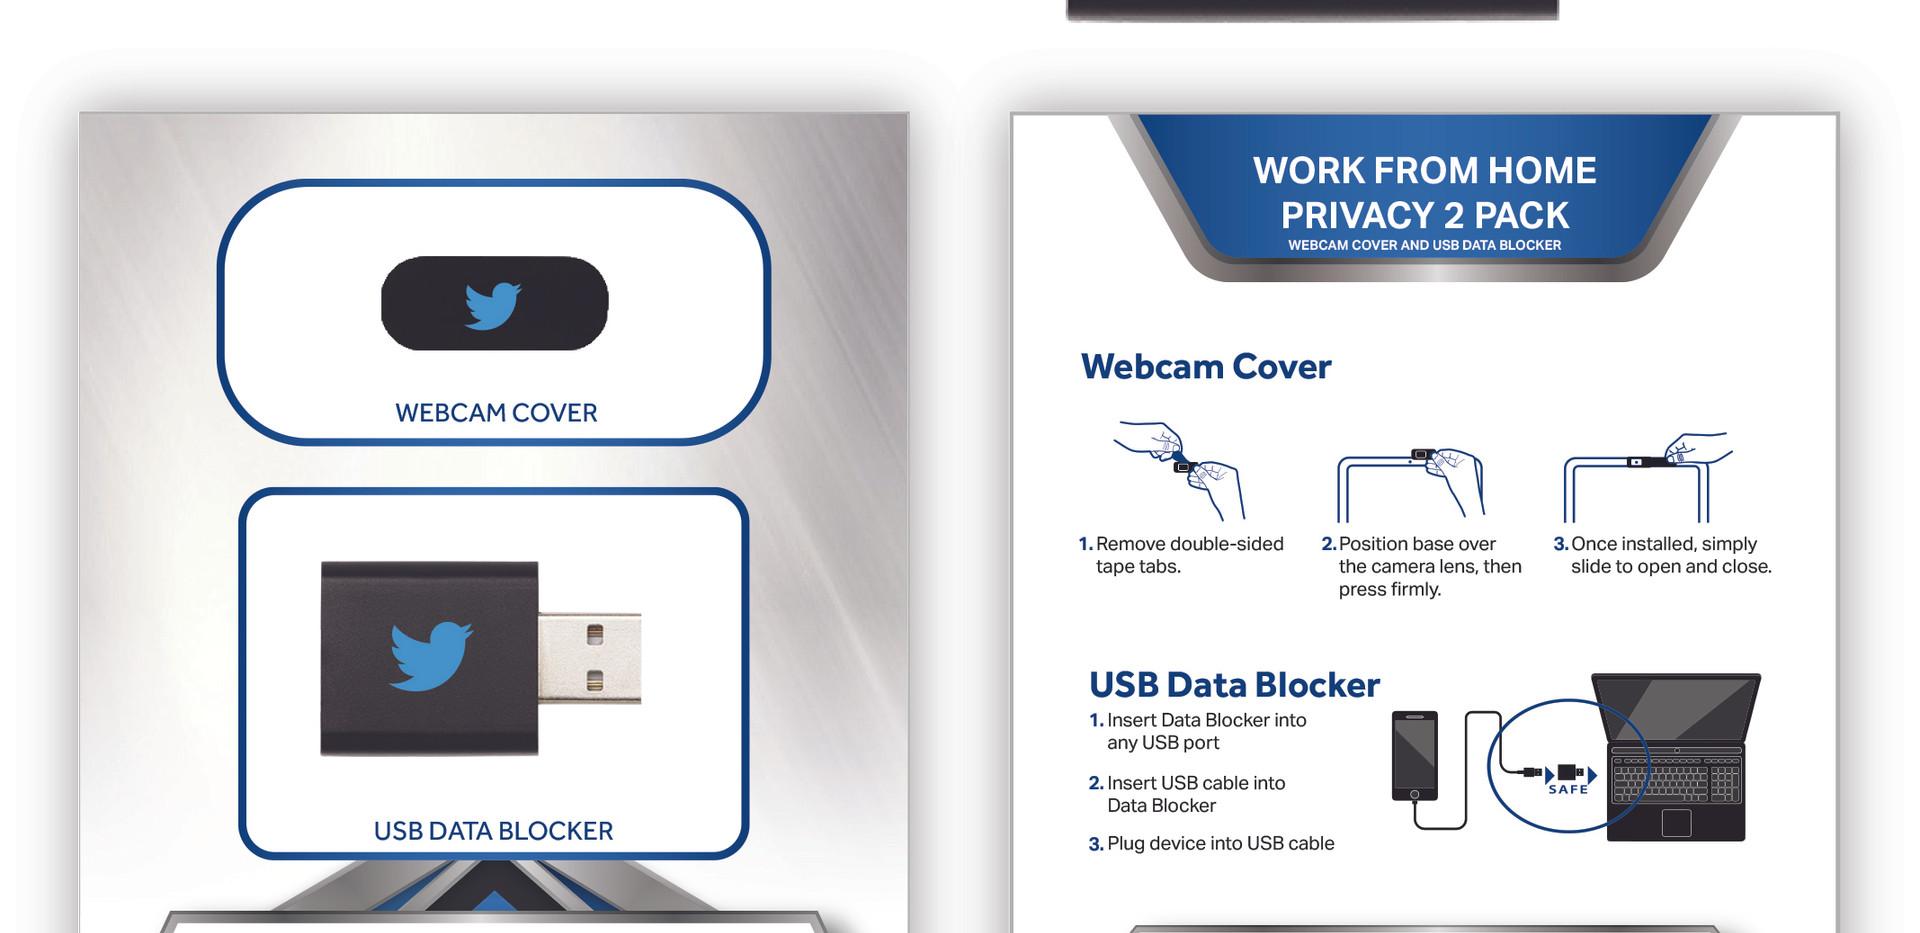 twitter WFHK 2Pack Standard razor.jpg